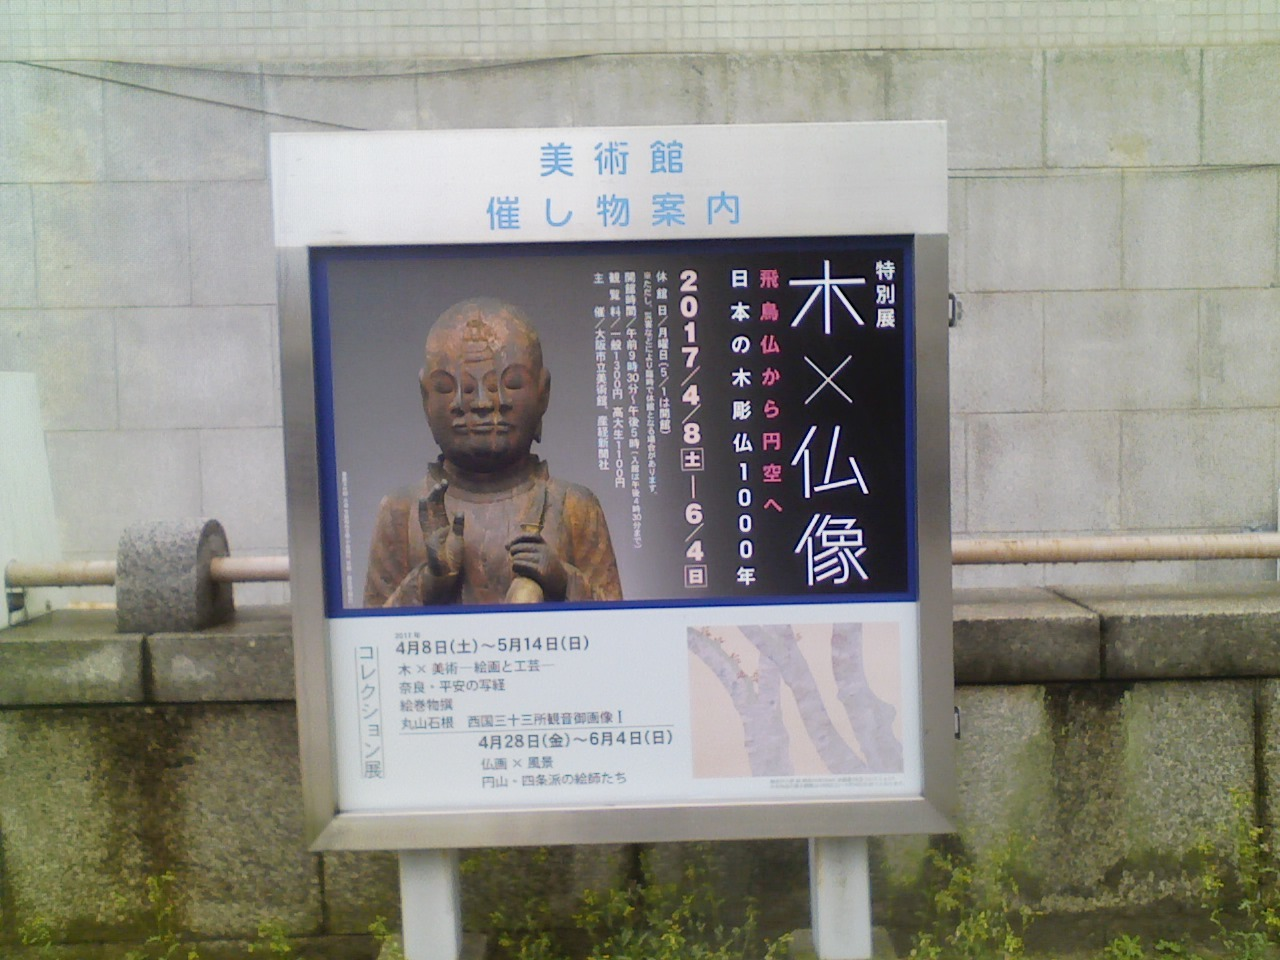 2017_04_11_大阪市立美術館